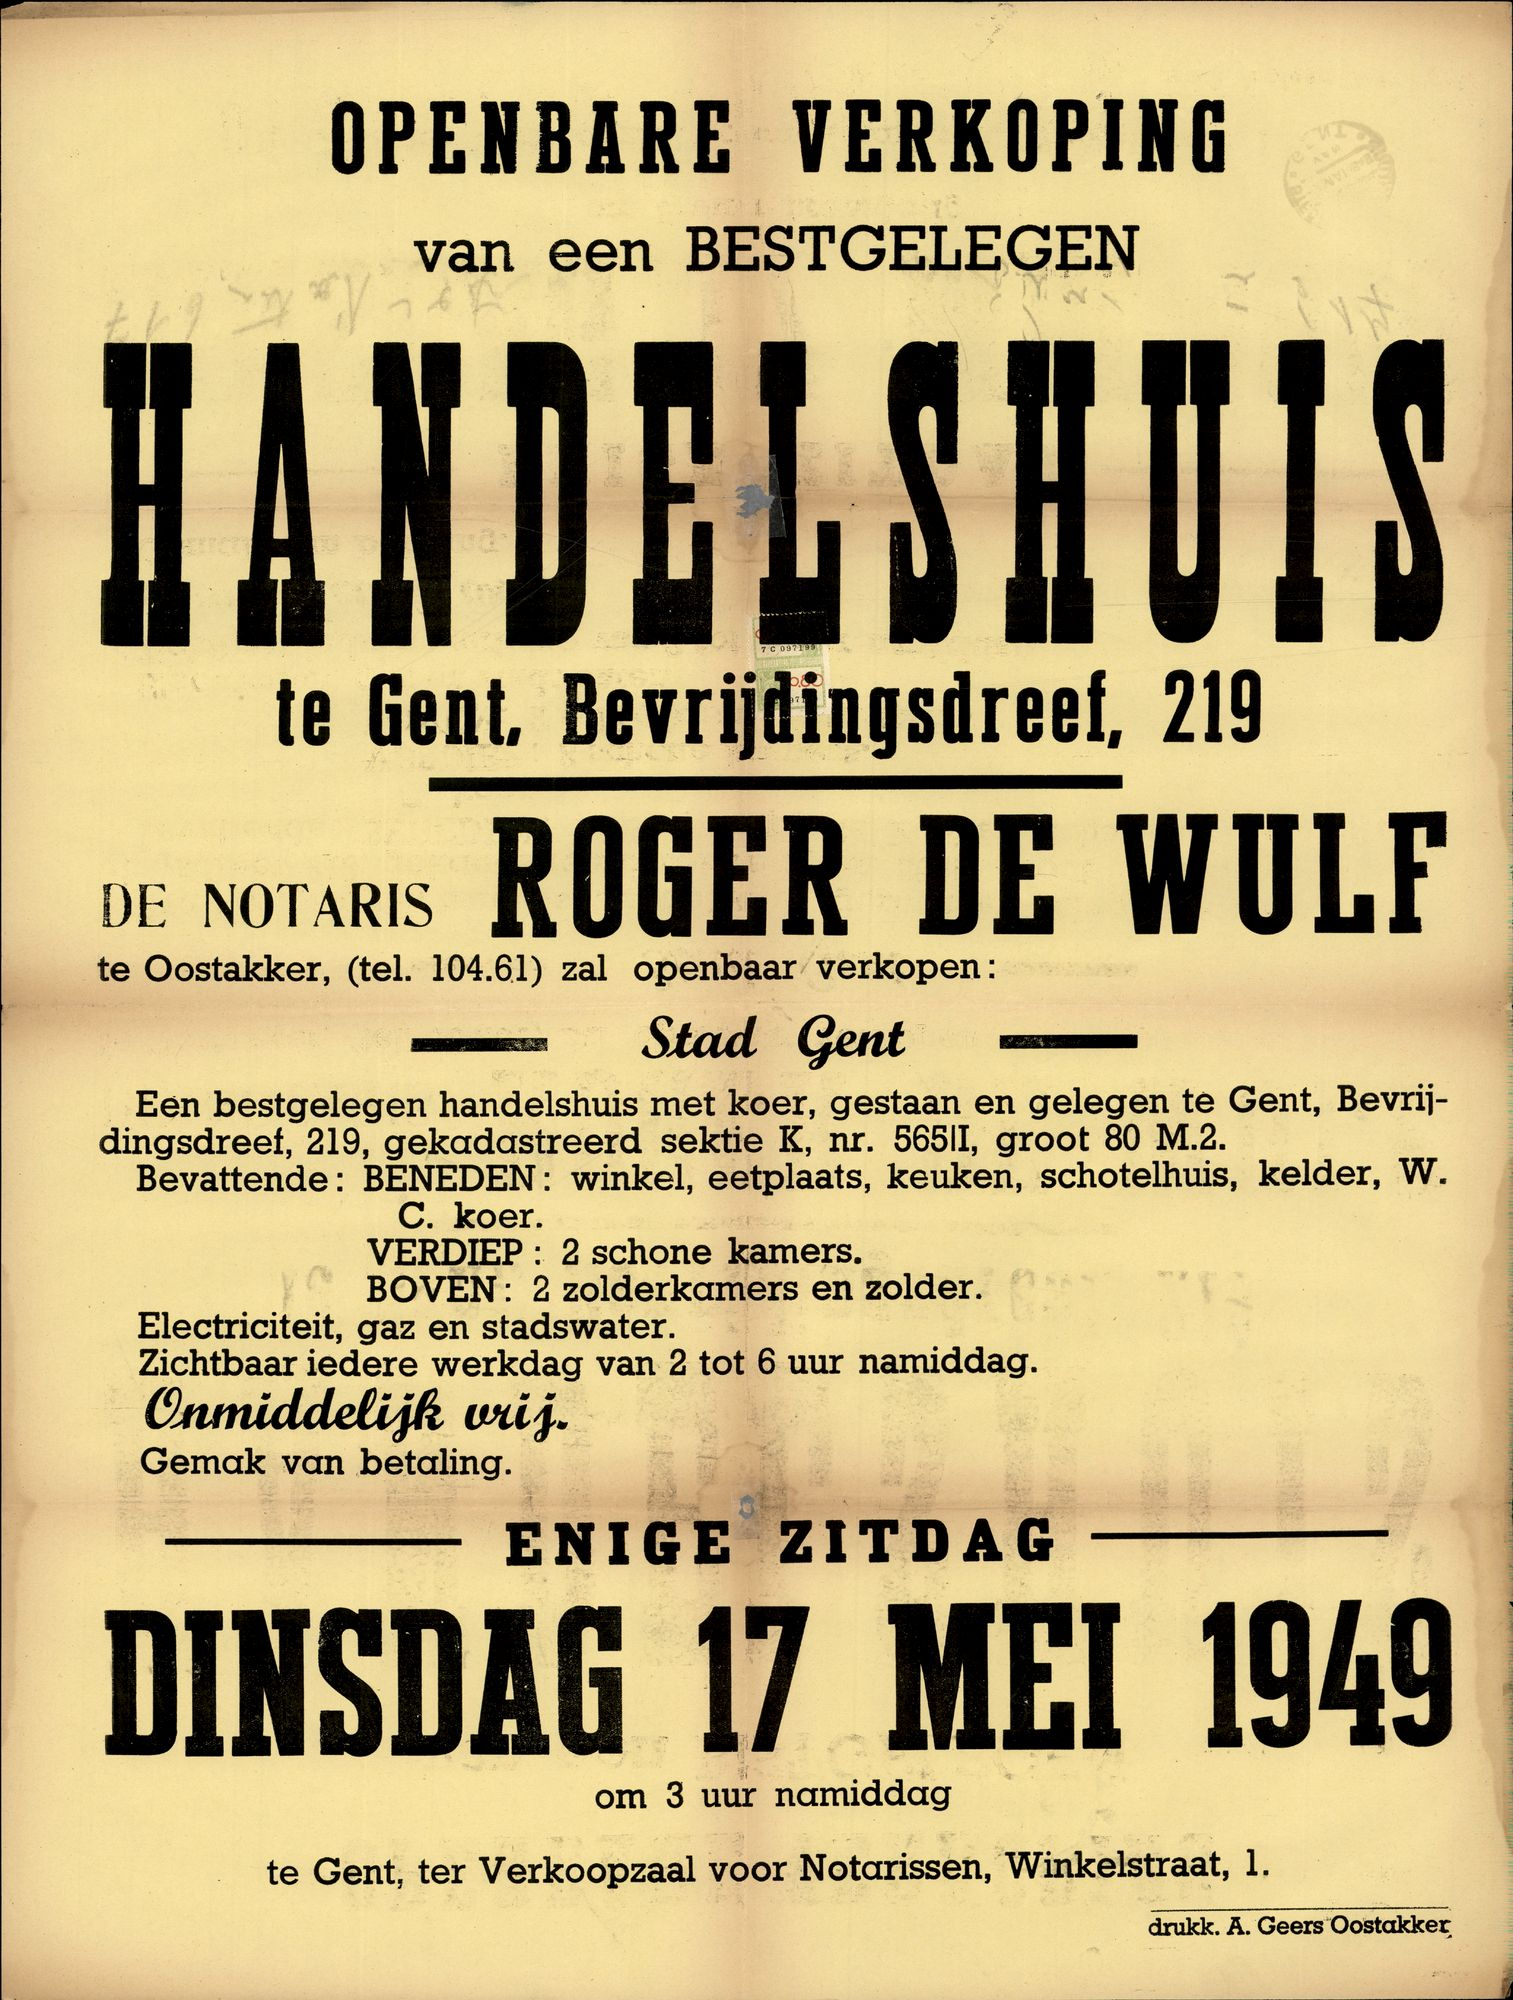 Openbare verkoop van een bestgelegen handelshuis te Gent, Bevrijdingsdreef, nr.219, Gent, 17 mei 1949